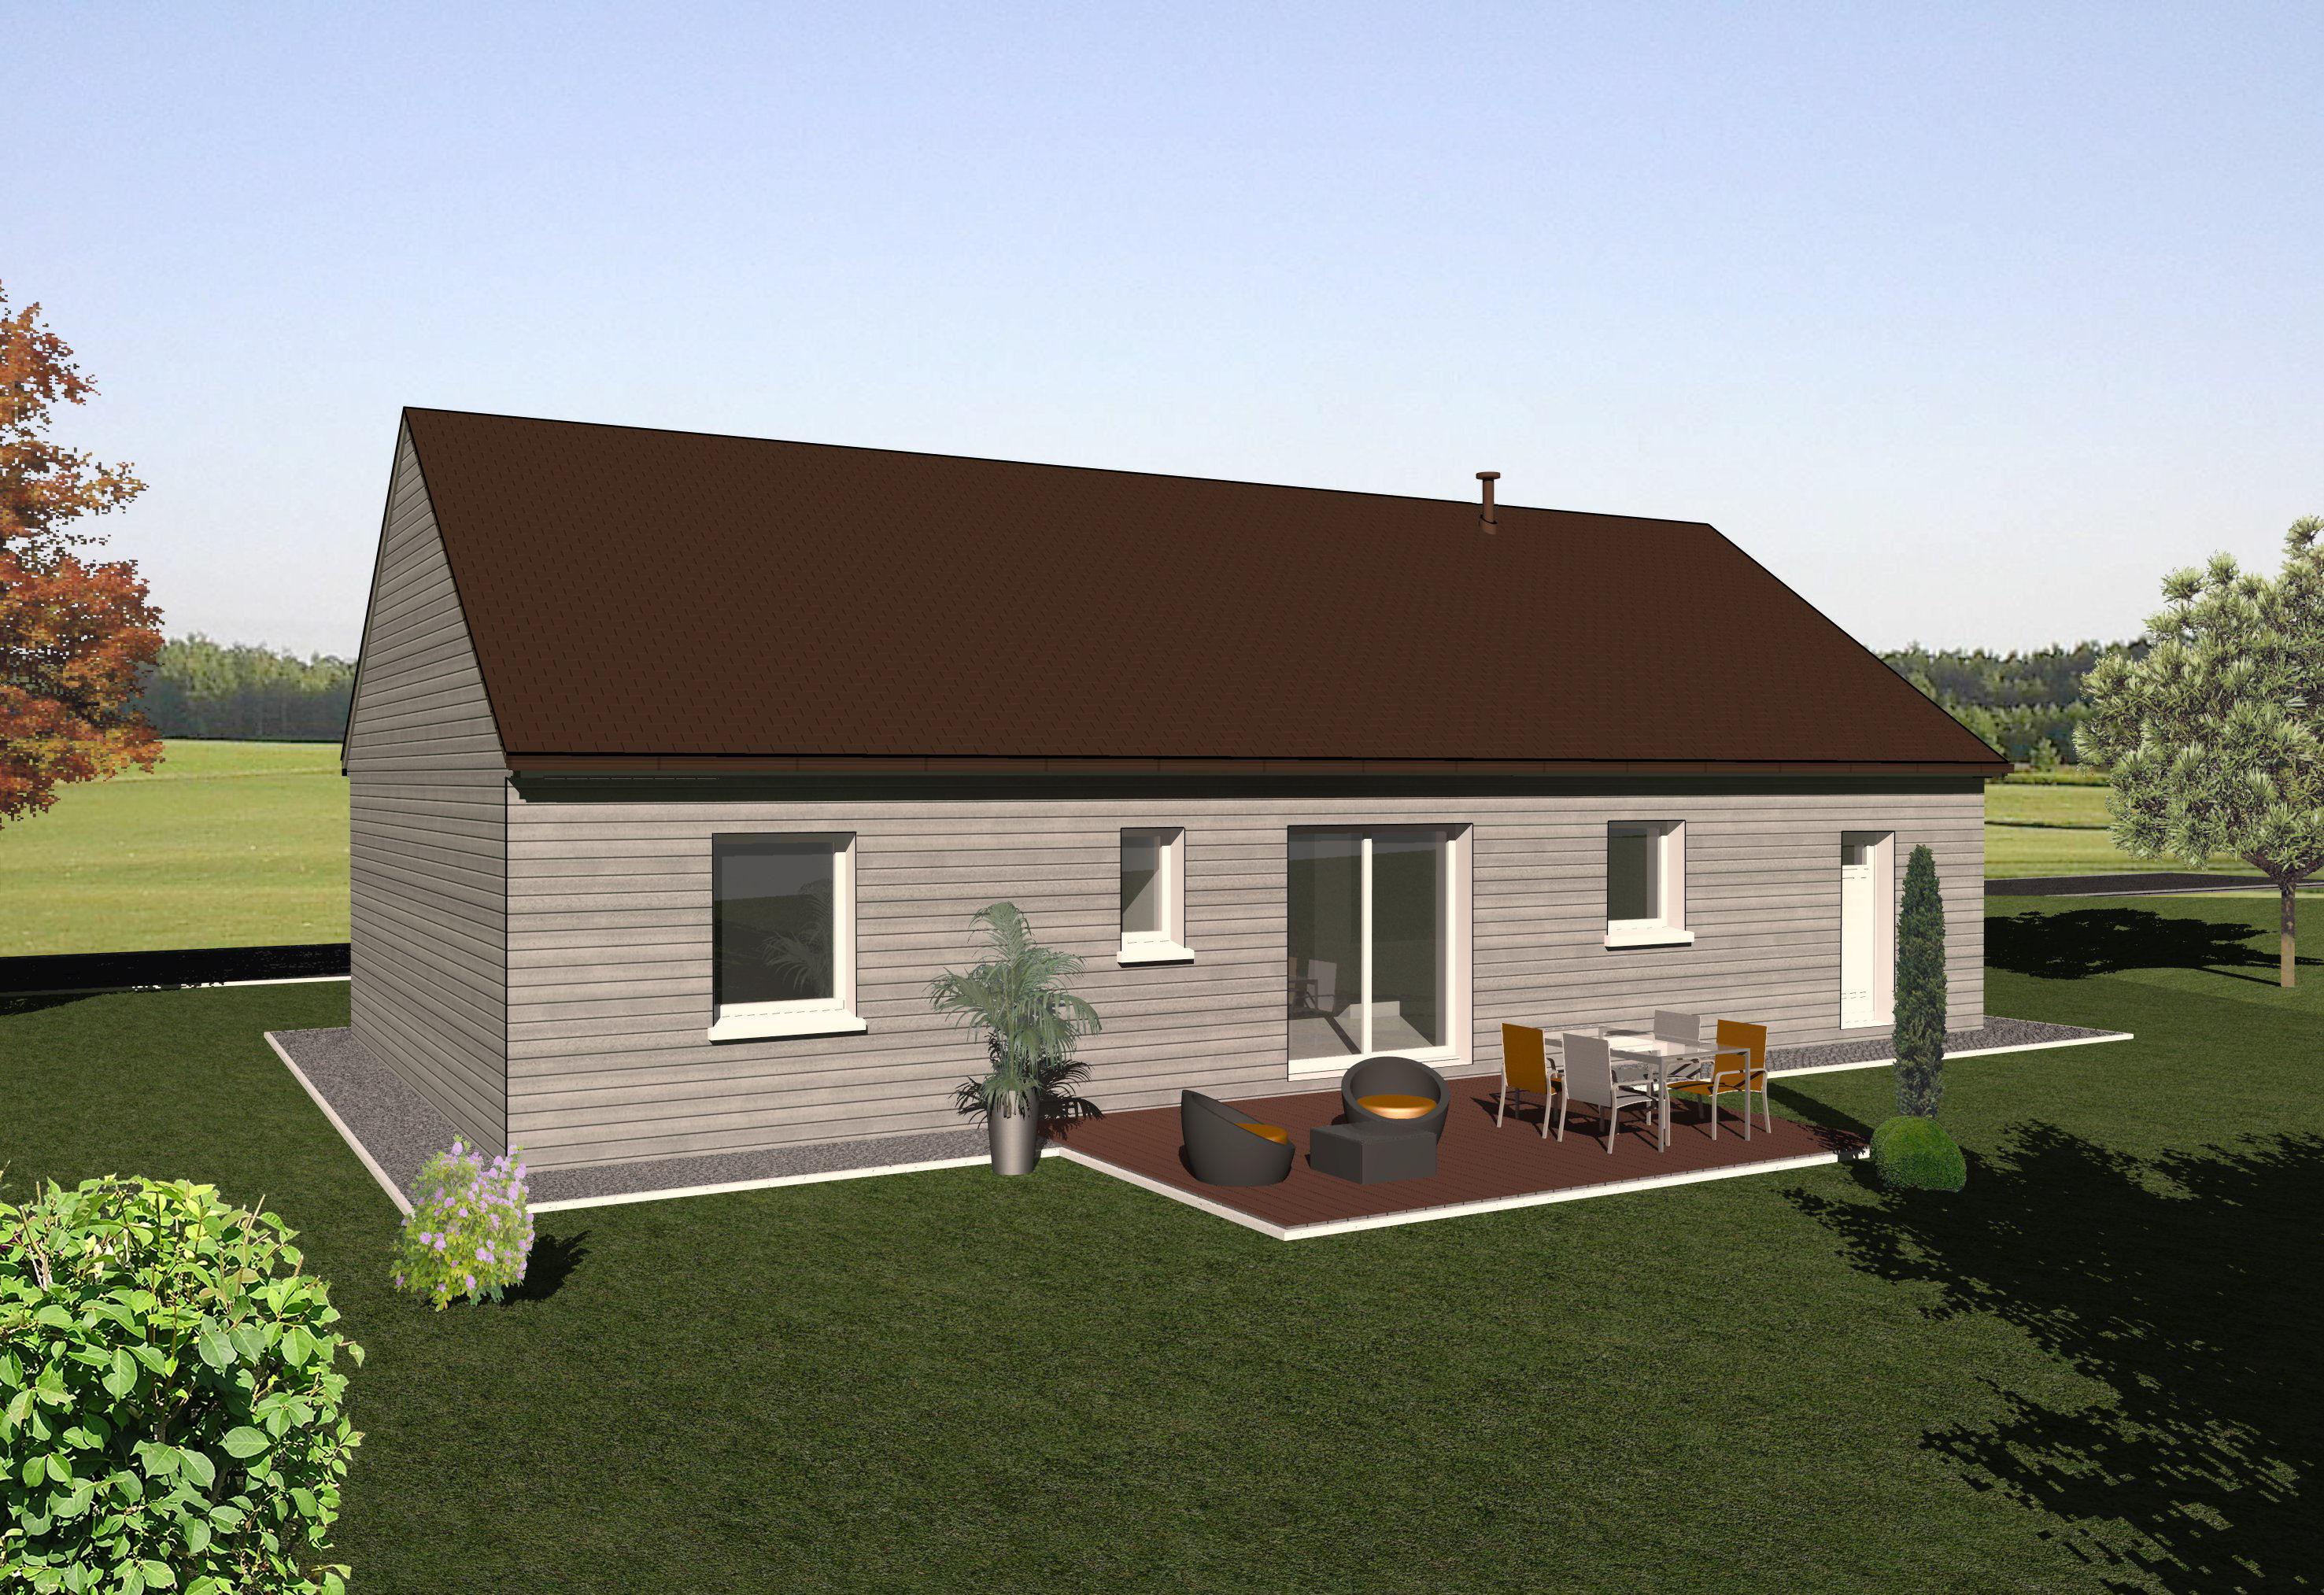 Les maisons ossature bois de plain pied mod le red for Modele maison en bois plain pied